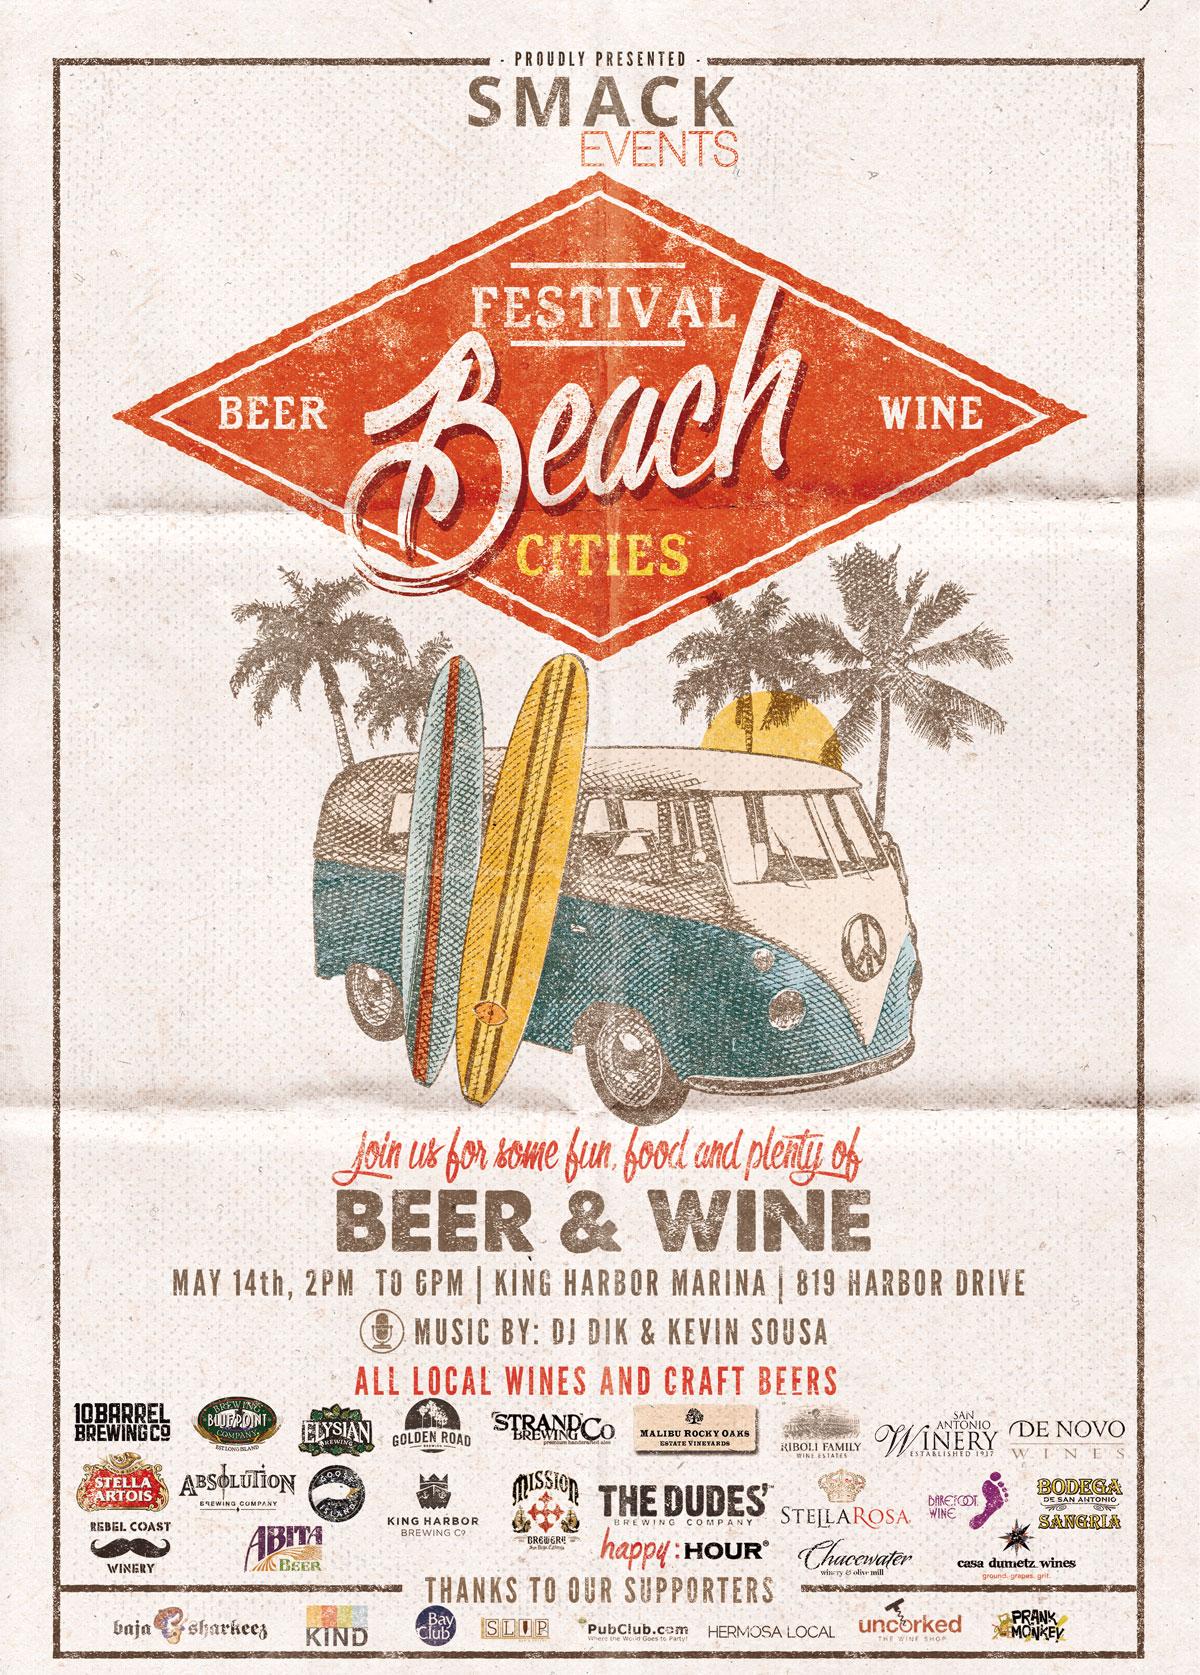 Beach_Cities_Beer_Wine_Festival_Flyer-copy